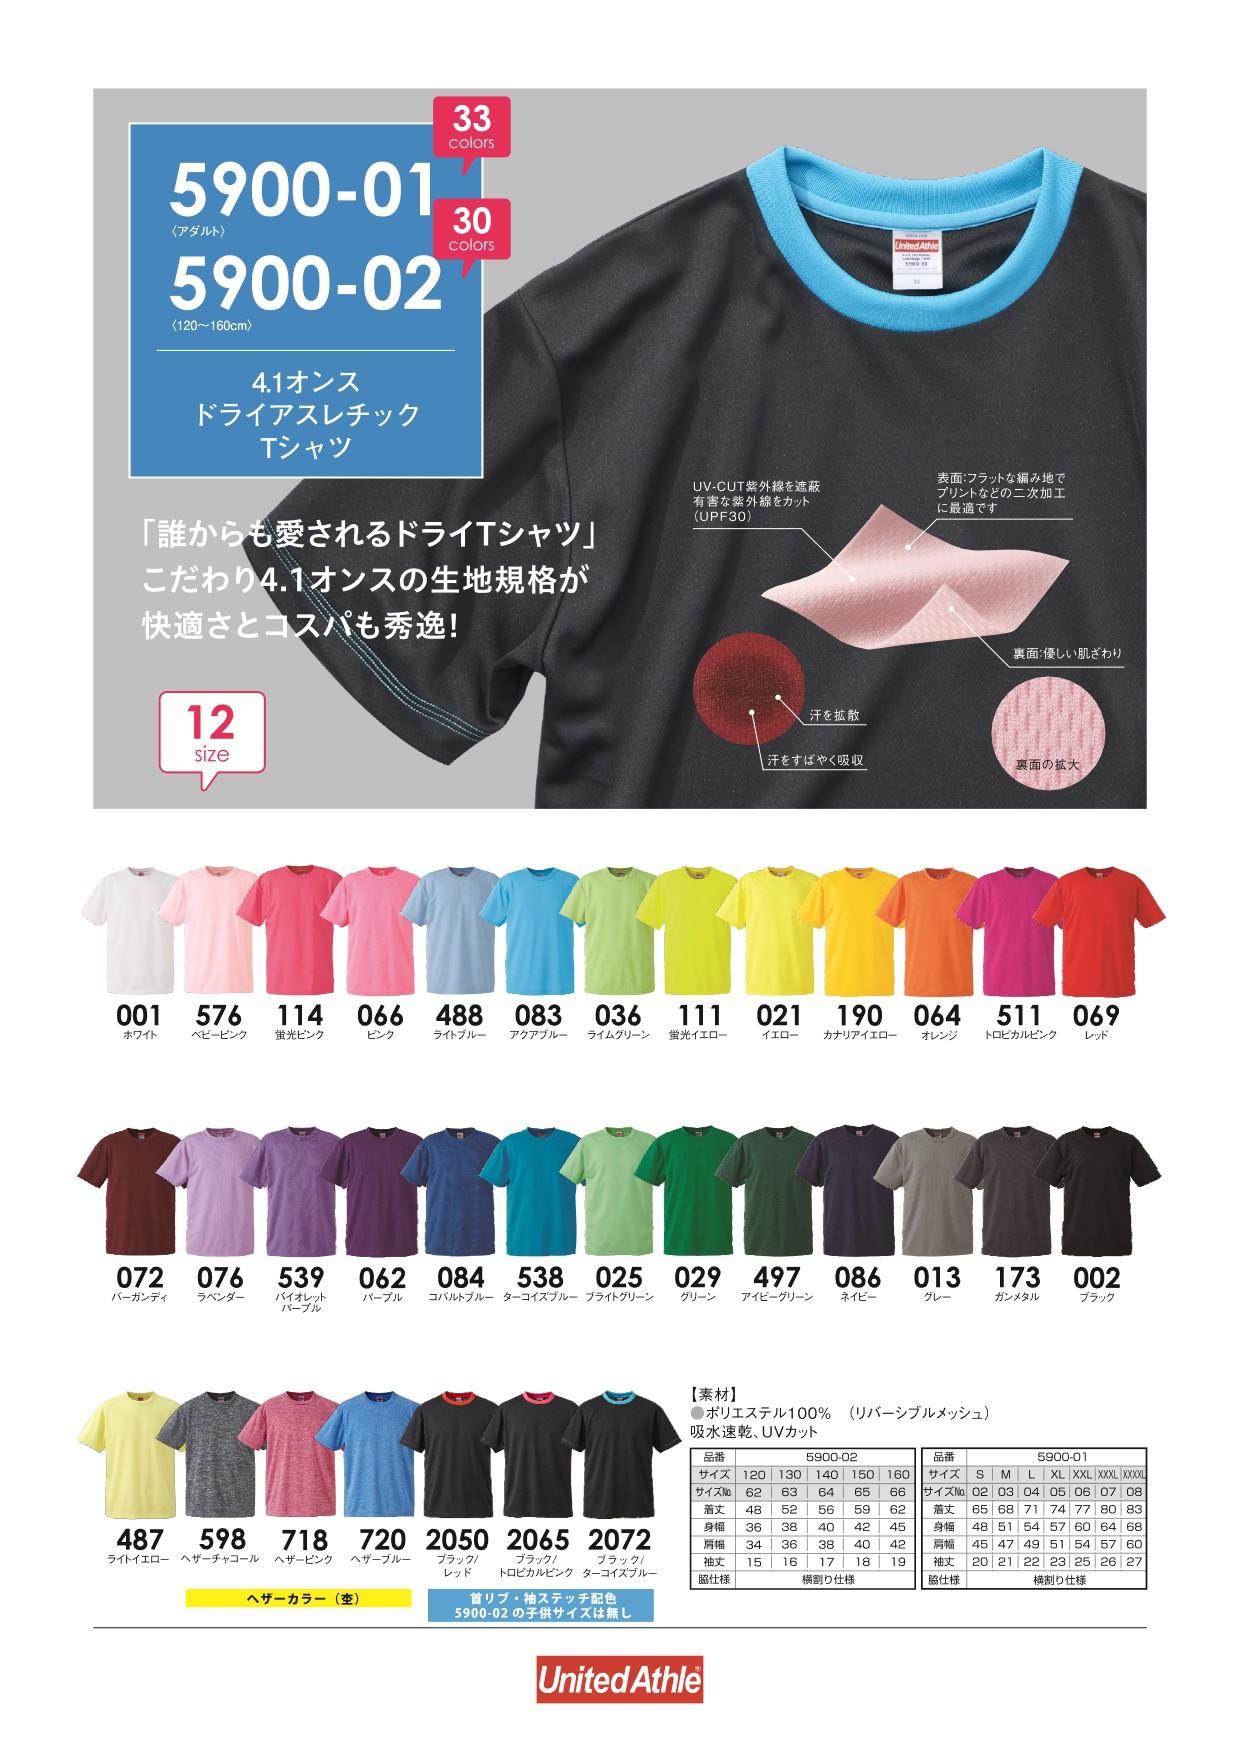 ドライTシャツ 5900-01/4.1オンス★ユナイテッドアスレ 画像